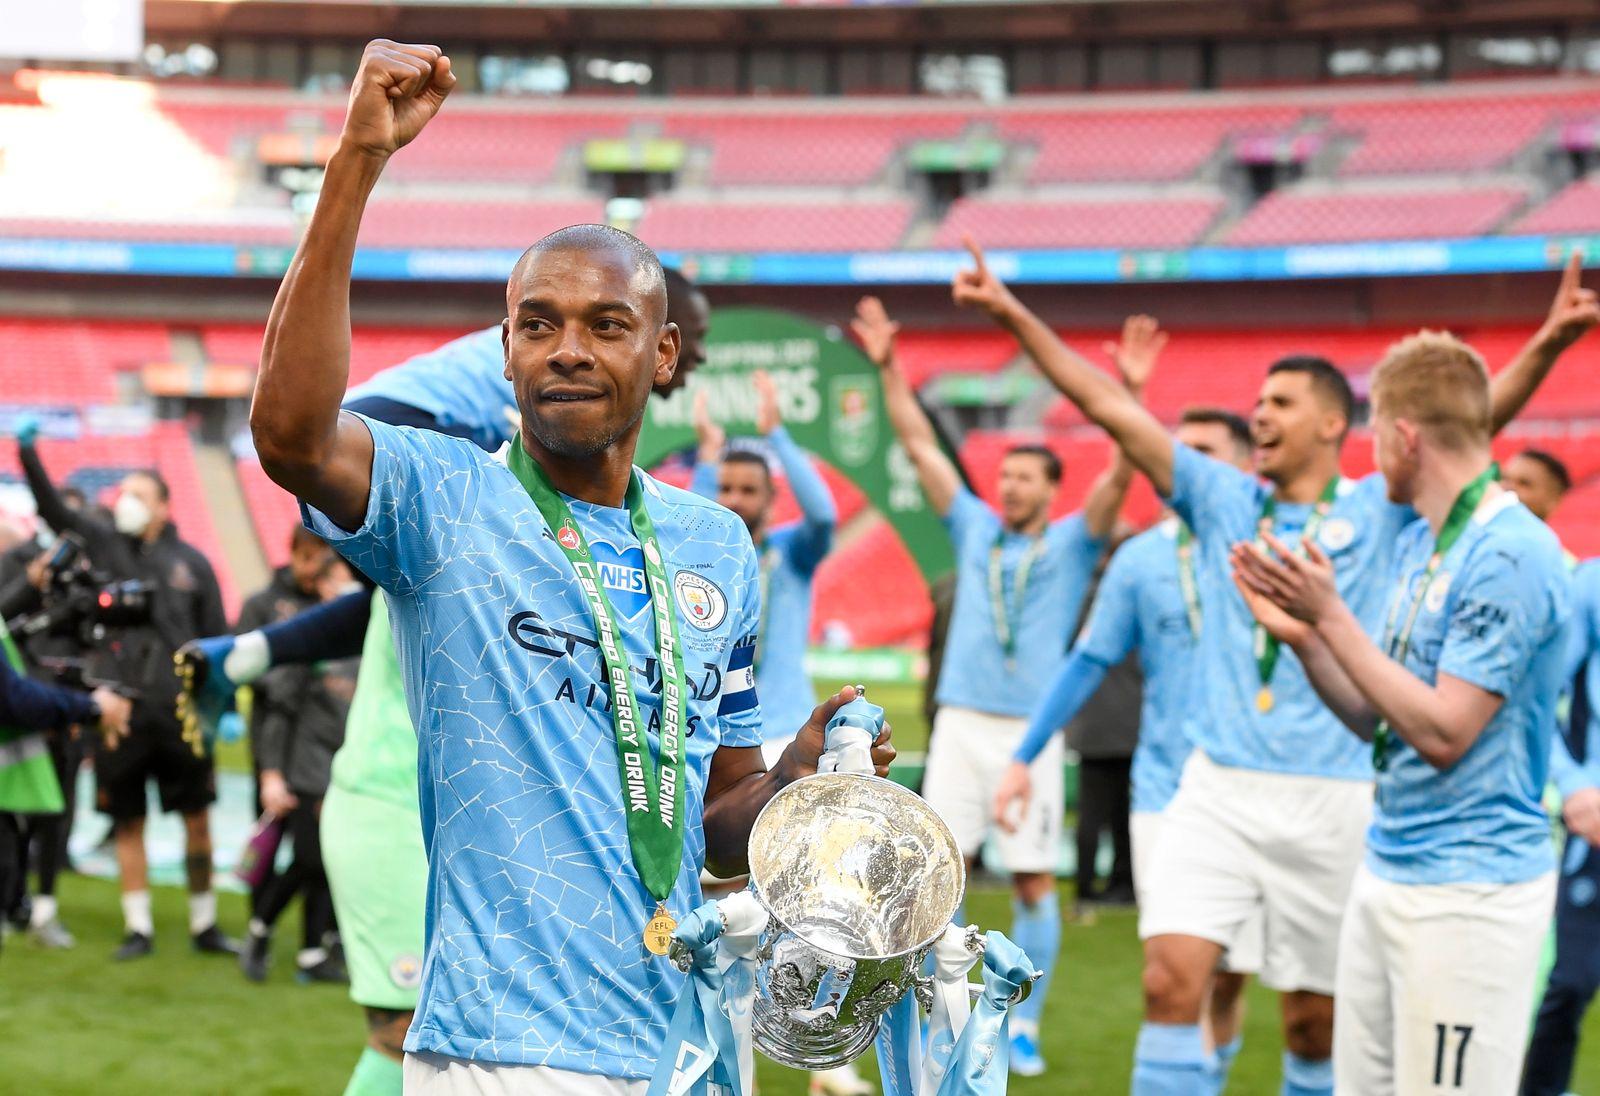 Carabao Cup Final - Manchester City vs Tottenham Hotspur